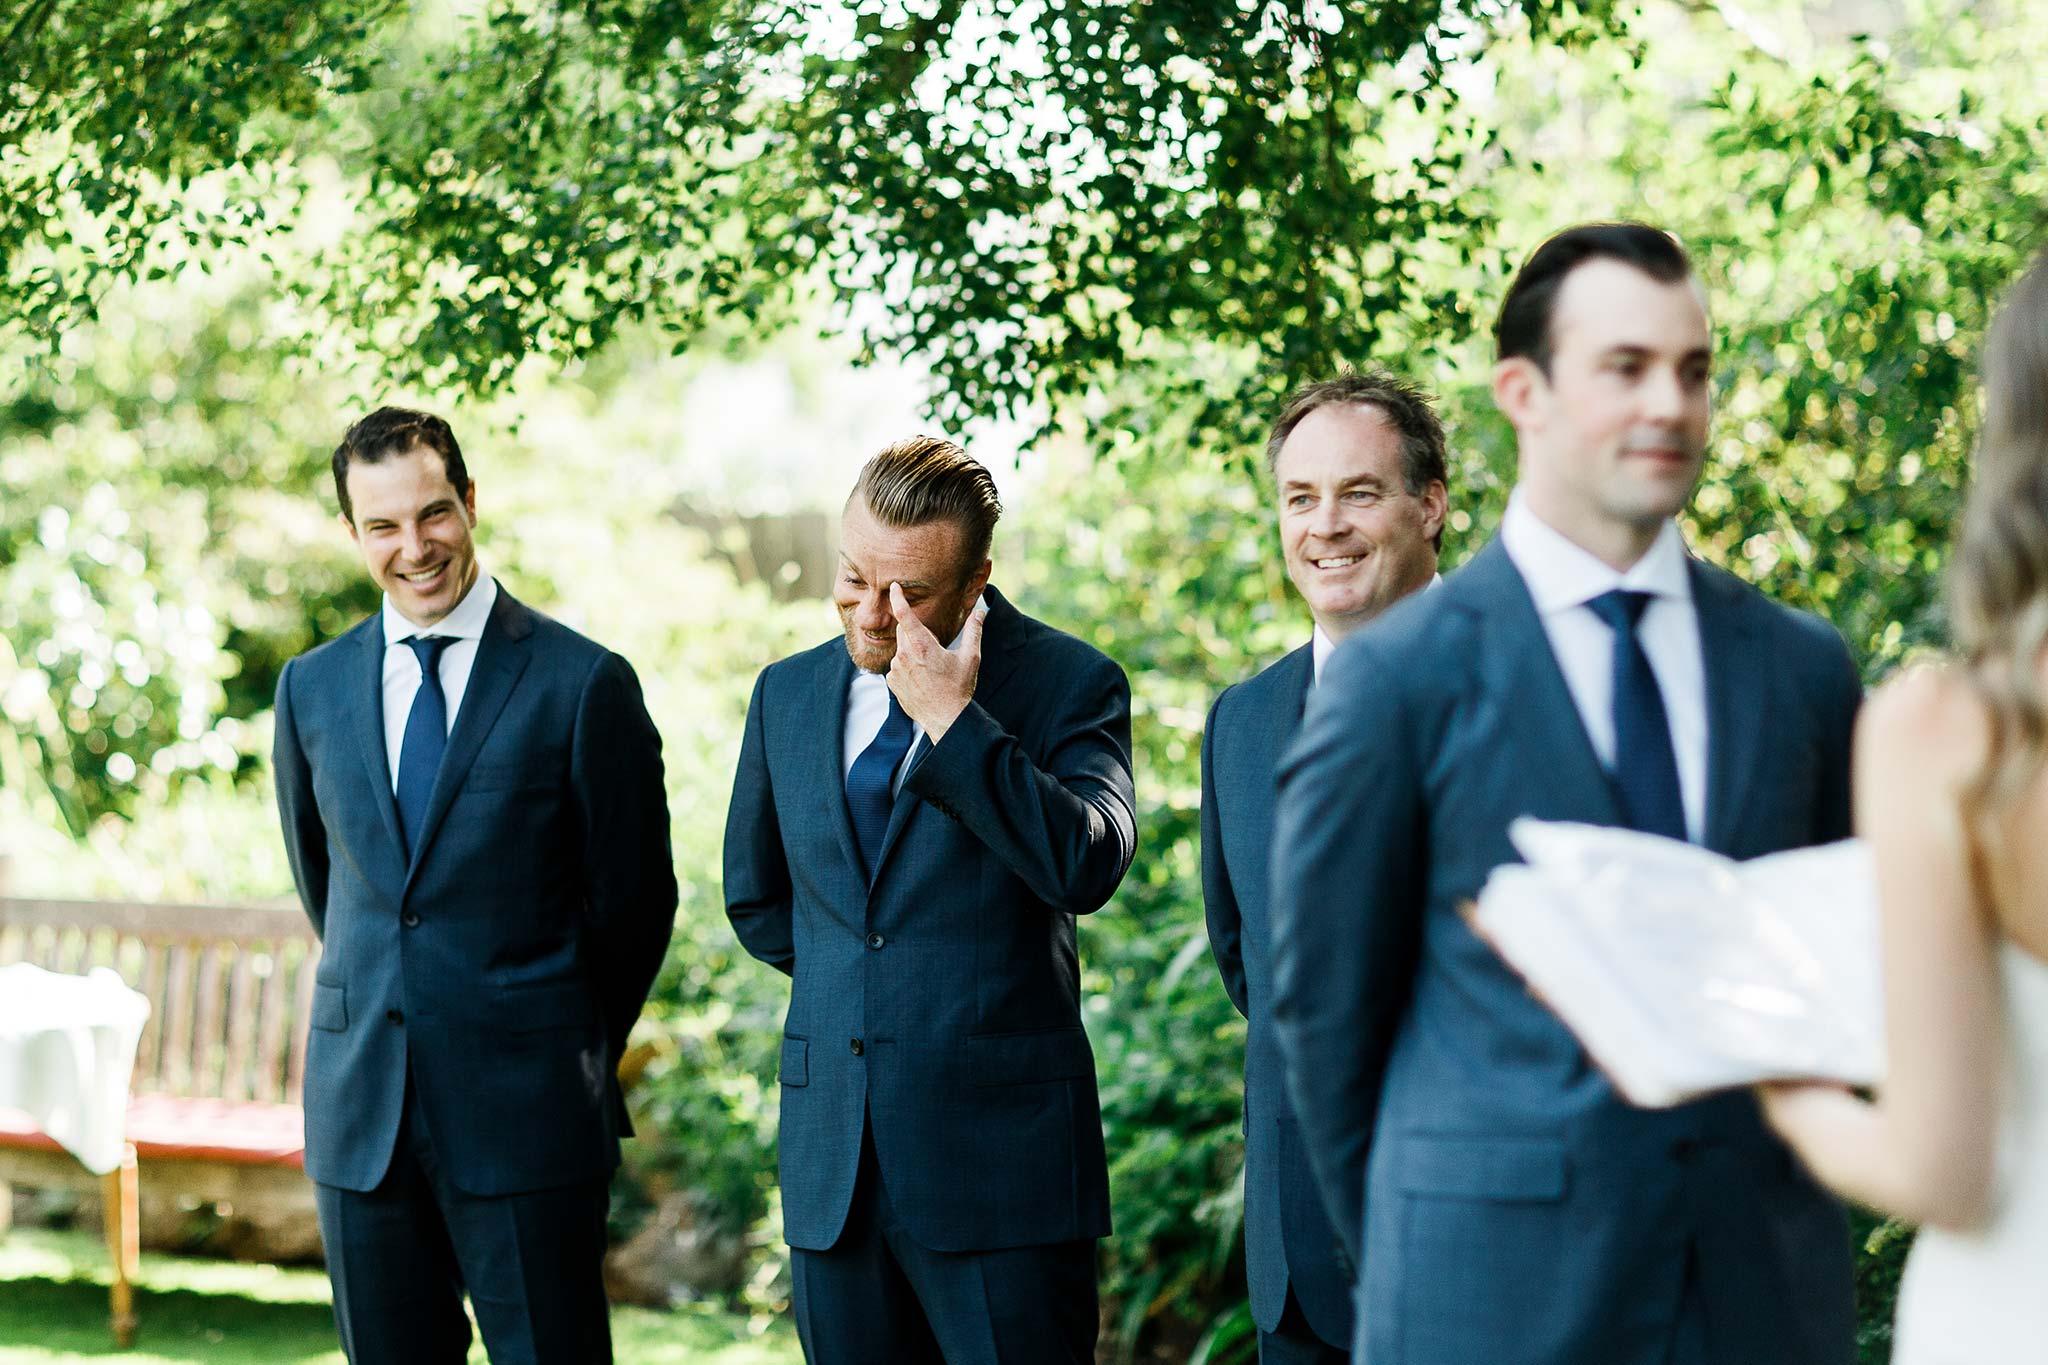 Launceston-Brickendon-Wedding-Photographer-ceremony